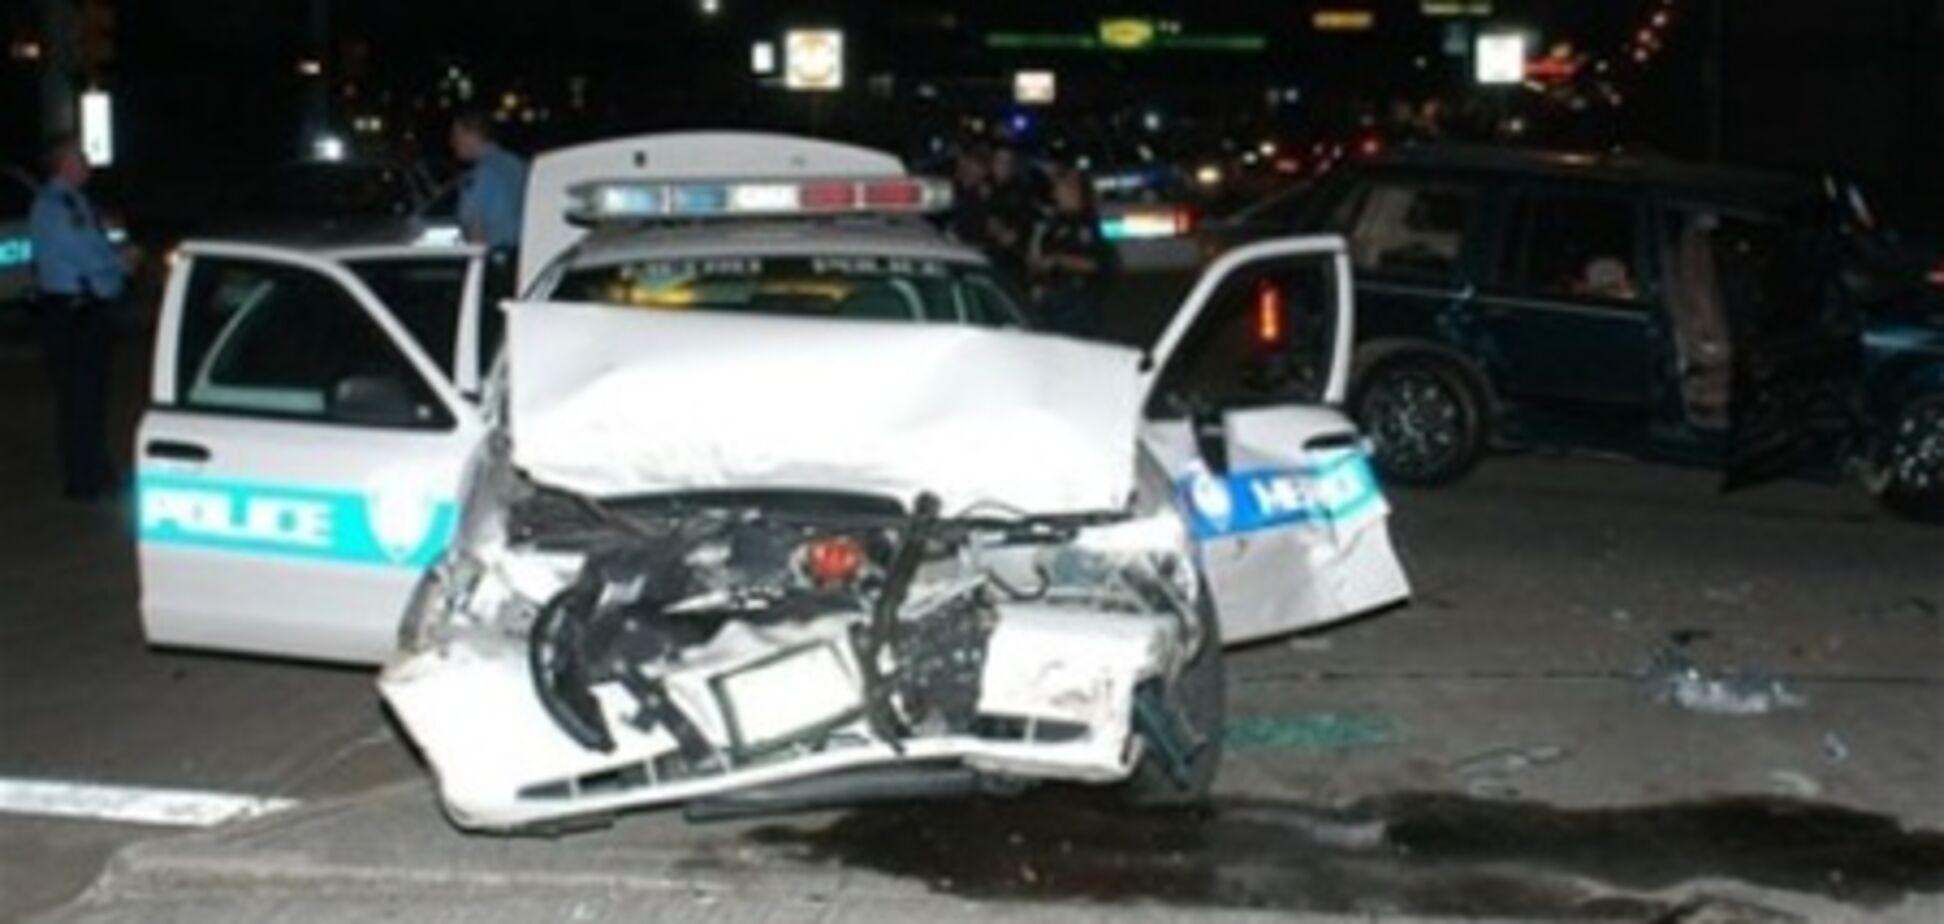 Більше всіх машини розбивають поліцейські